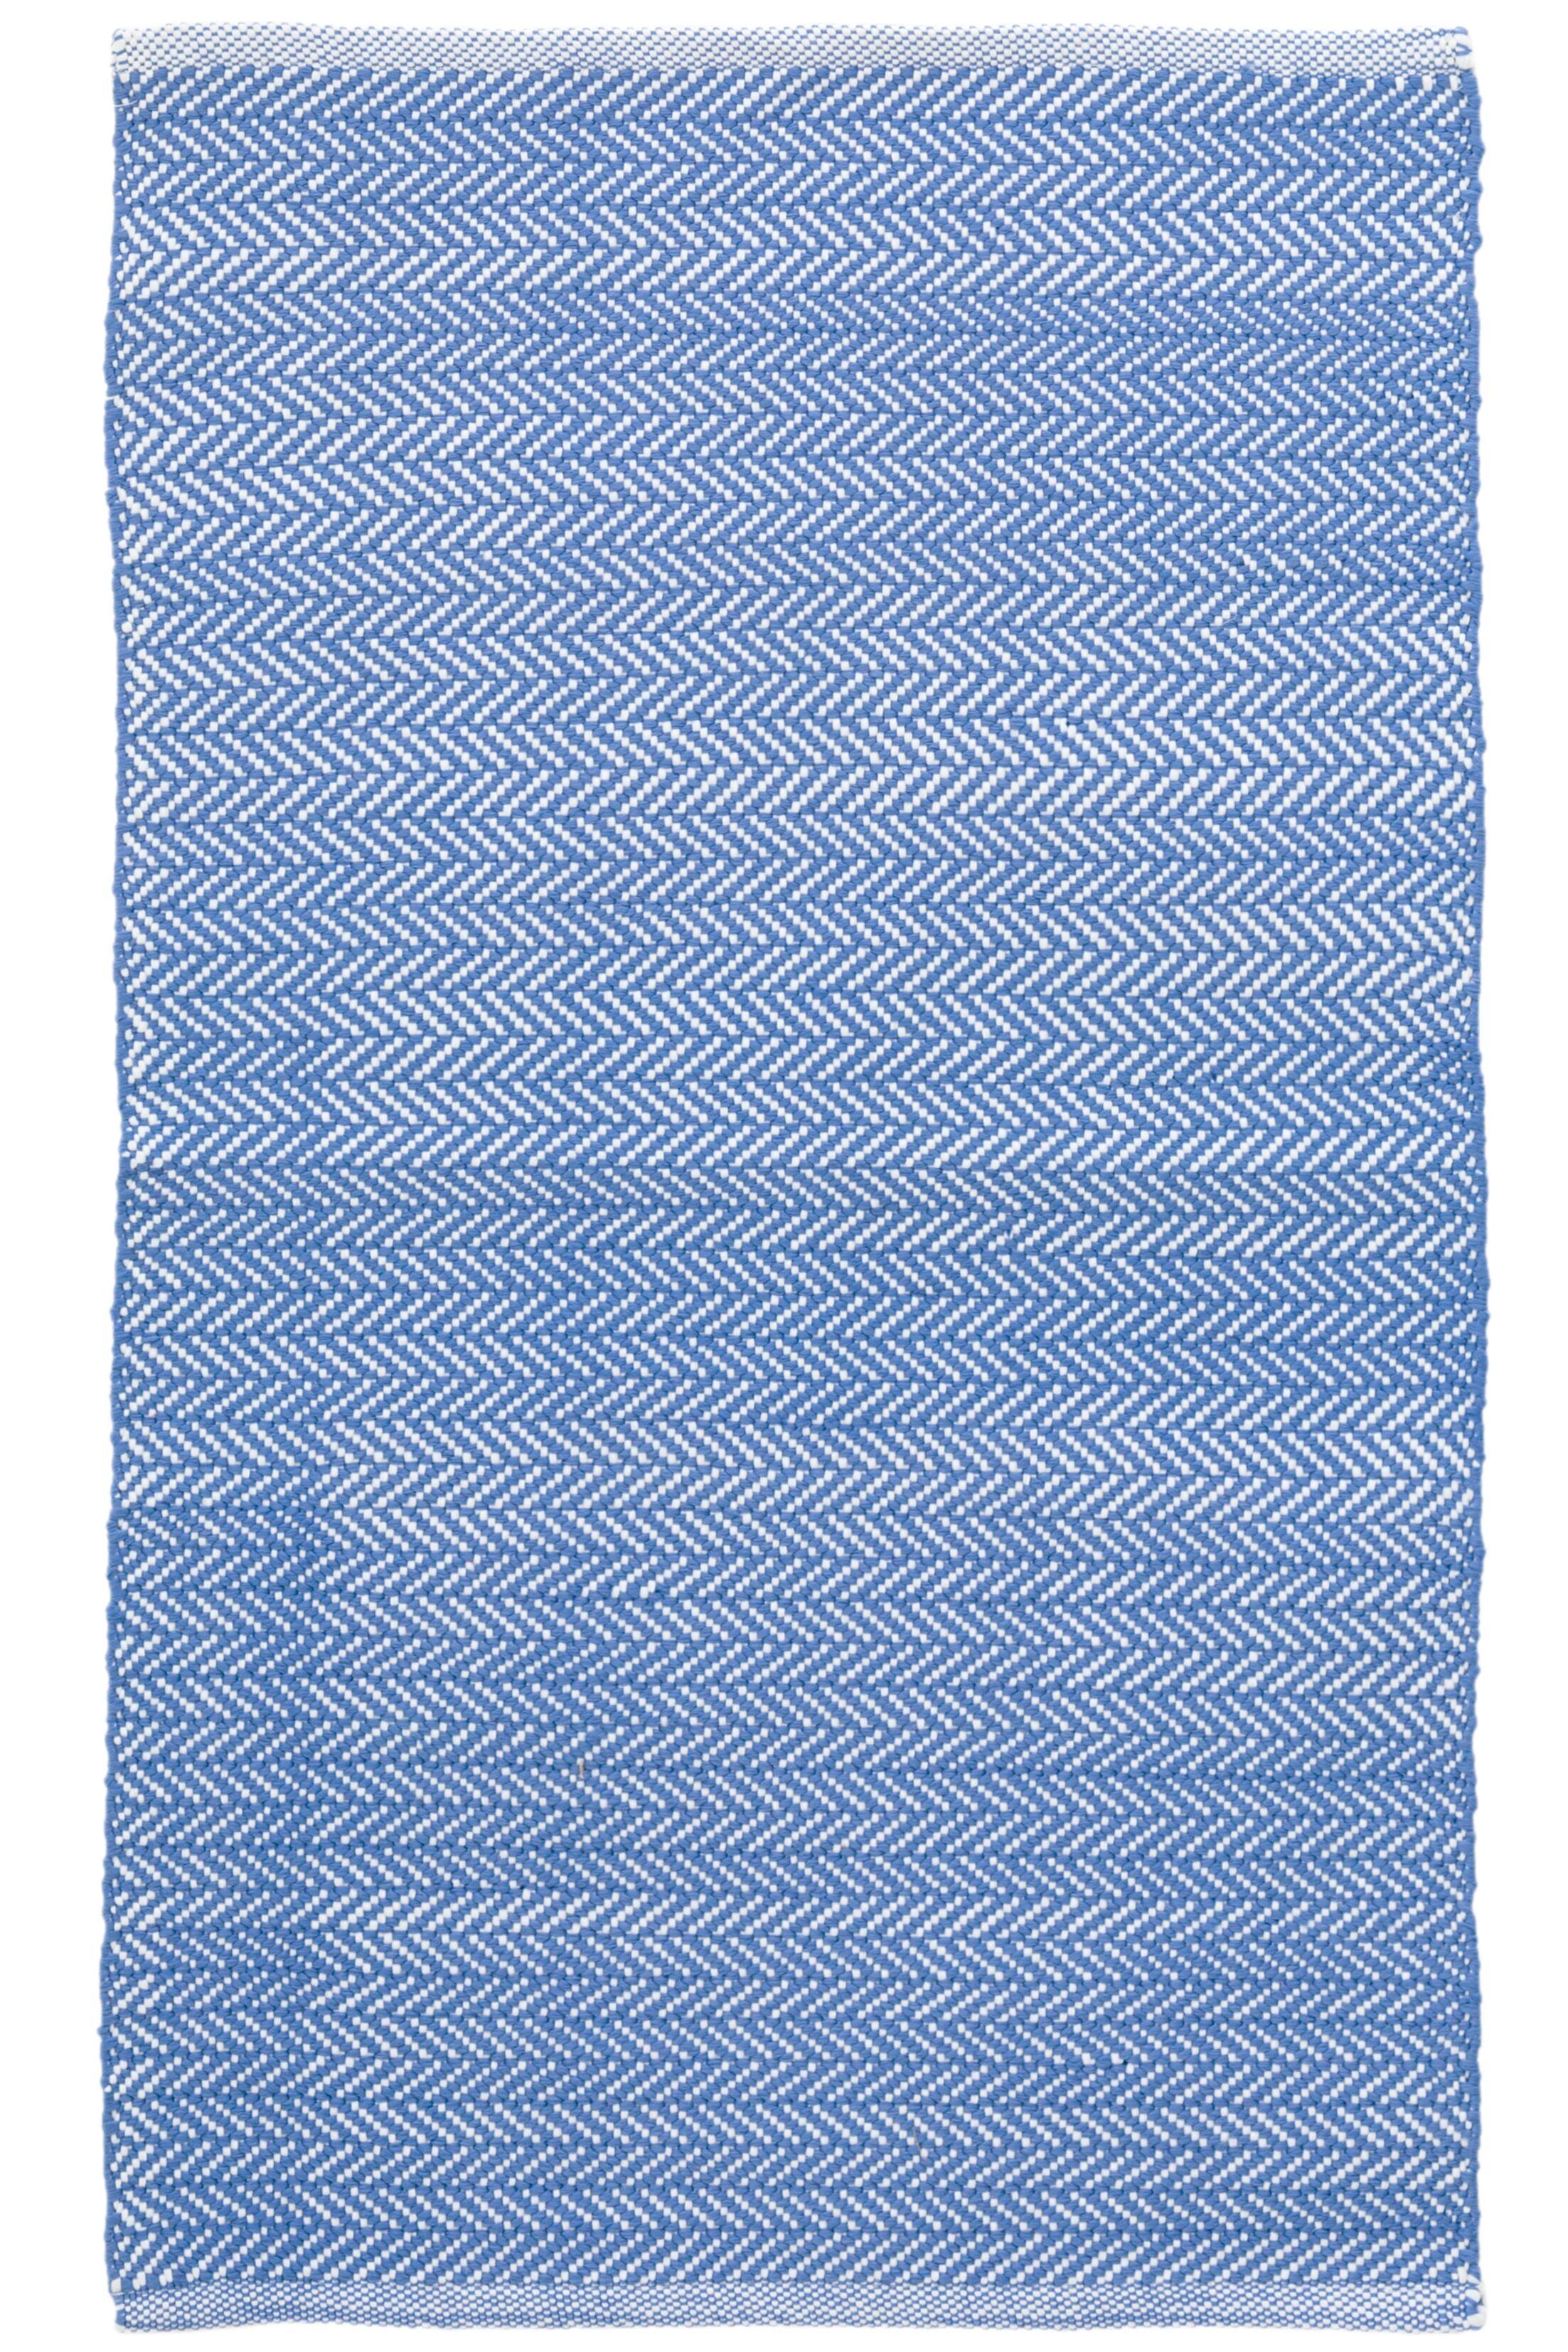 C3 Herringbone Blue Indoor/Outdoor Area Rug Rug Size: 4' x 6'